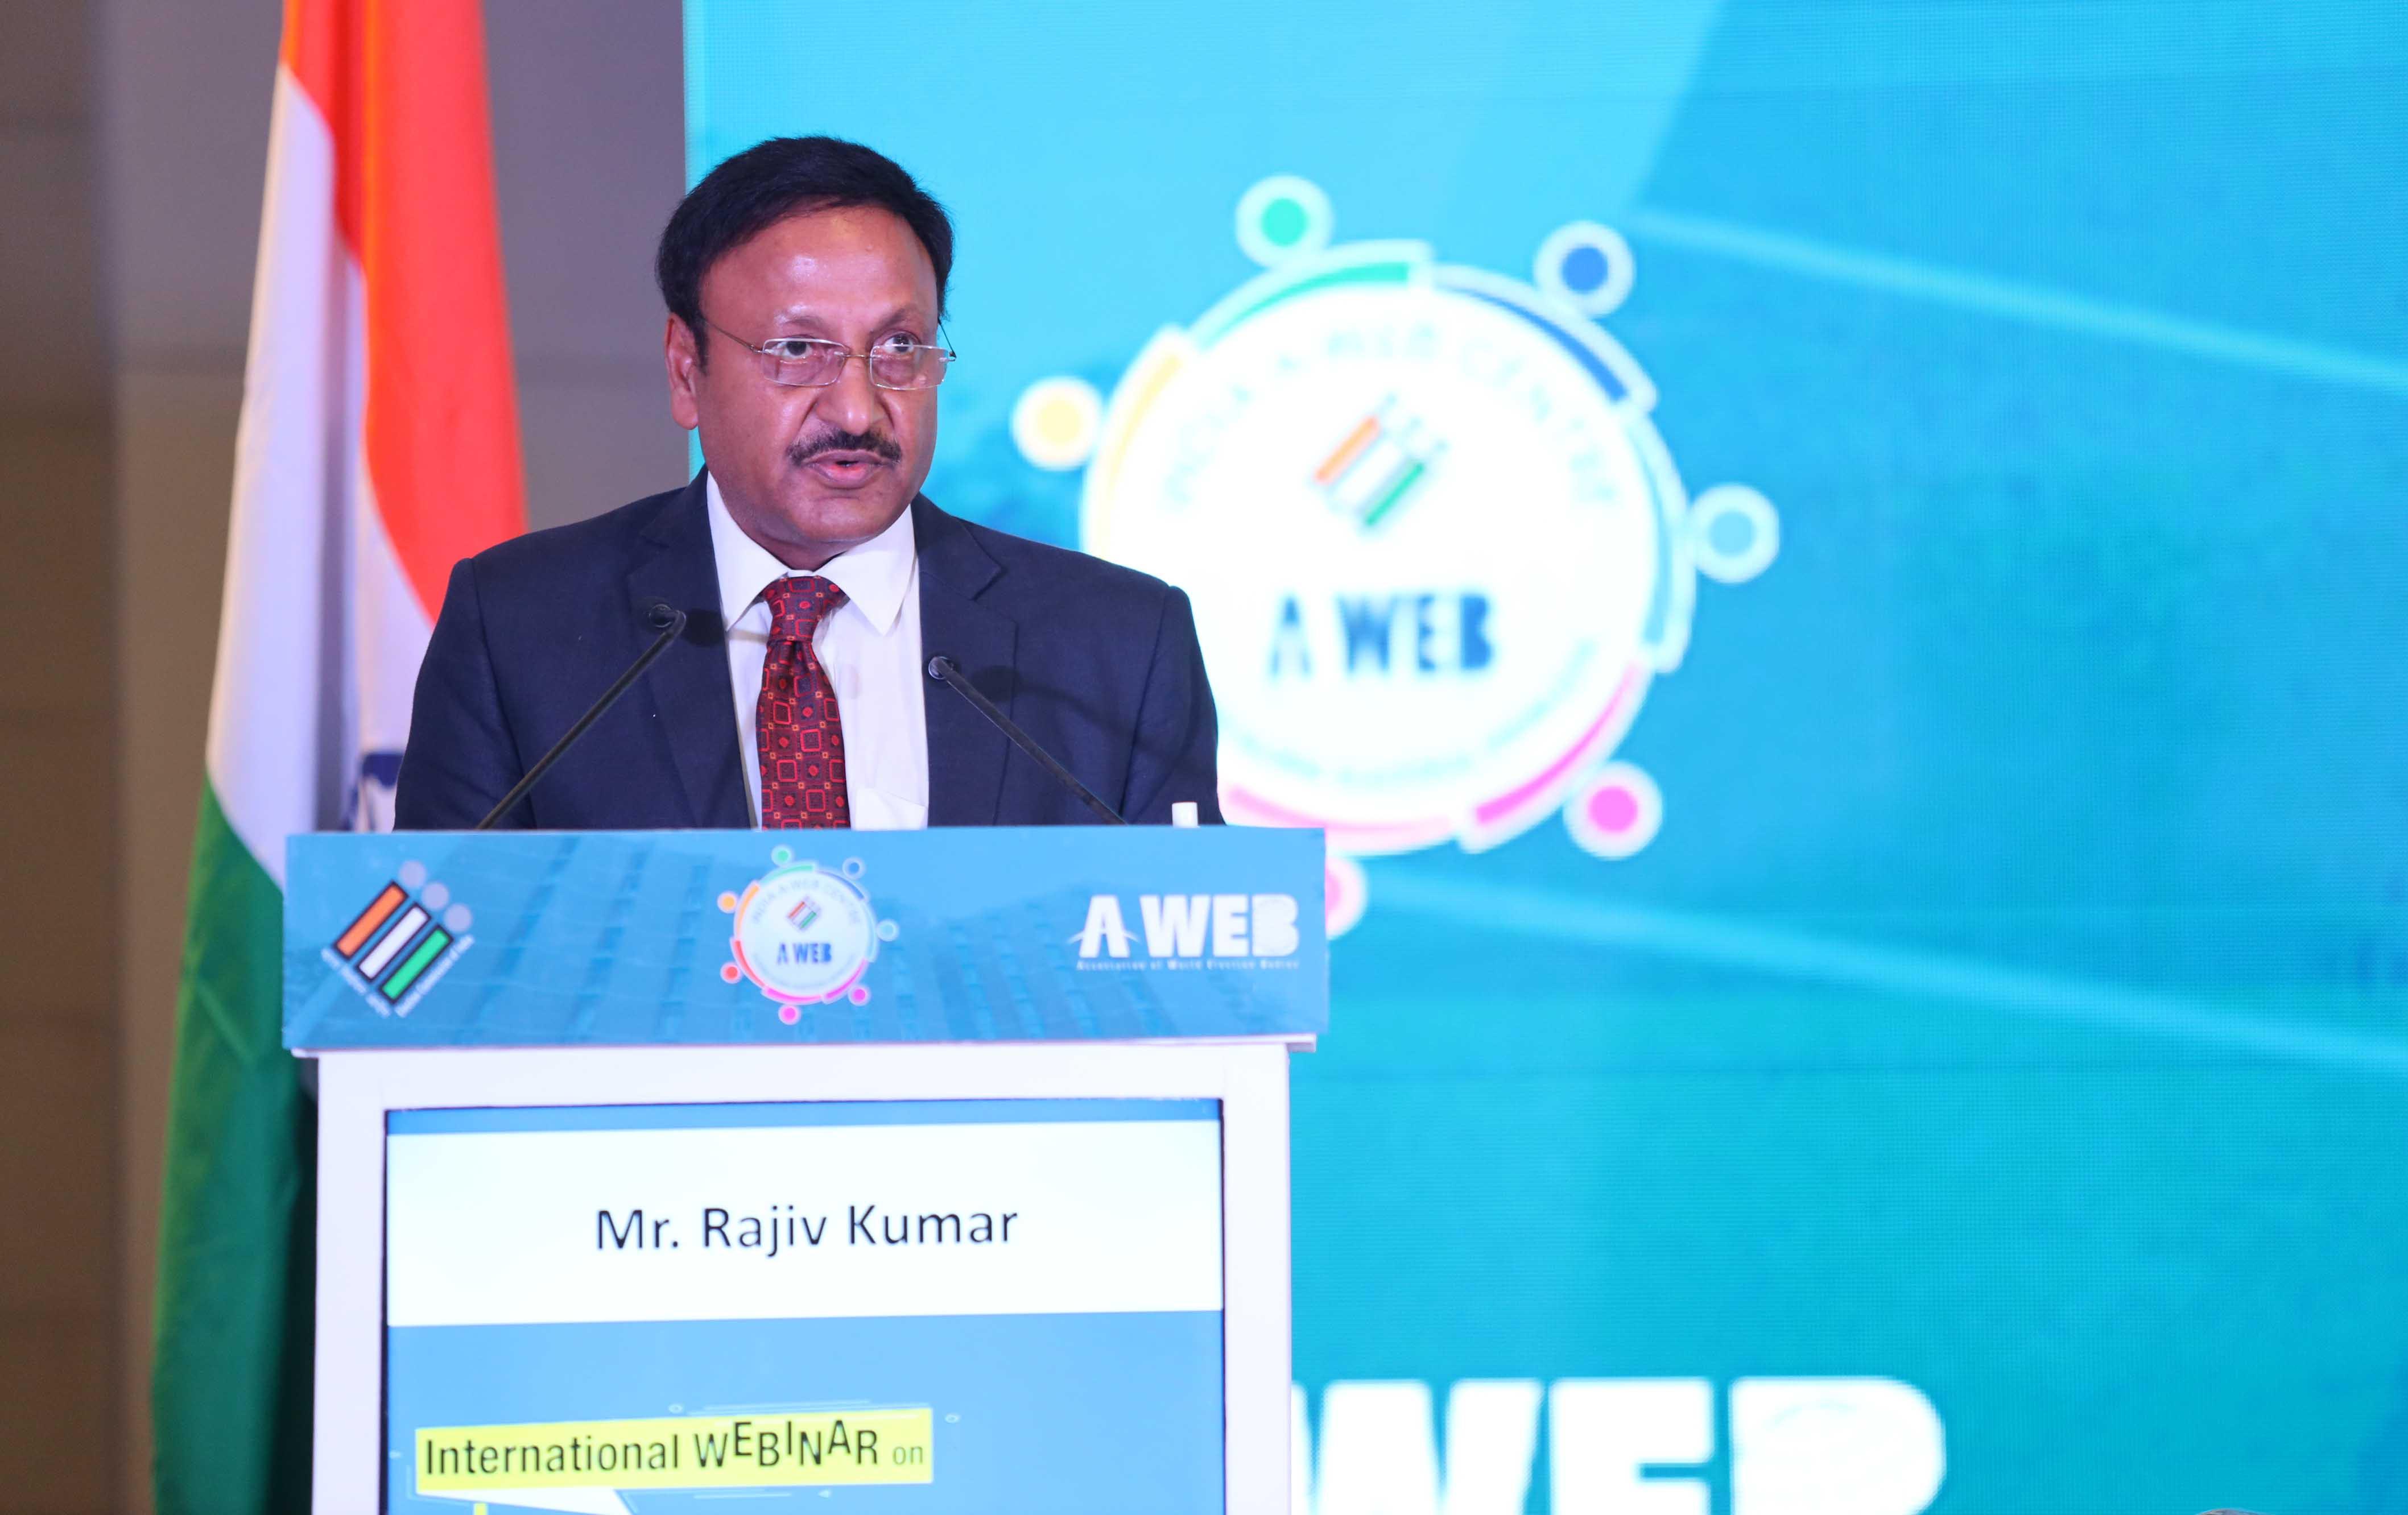 Election Commissioner of India Shri Rajiv kumar delivered his keynote address during the webinar.